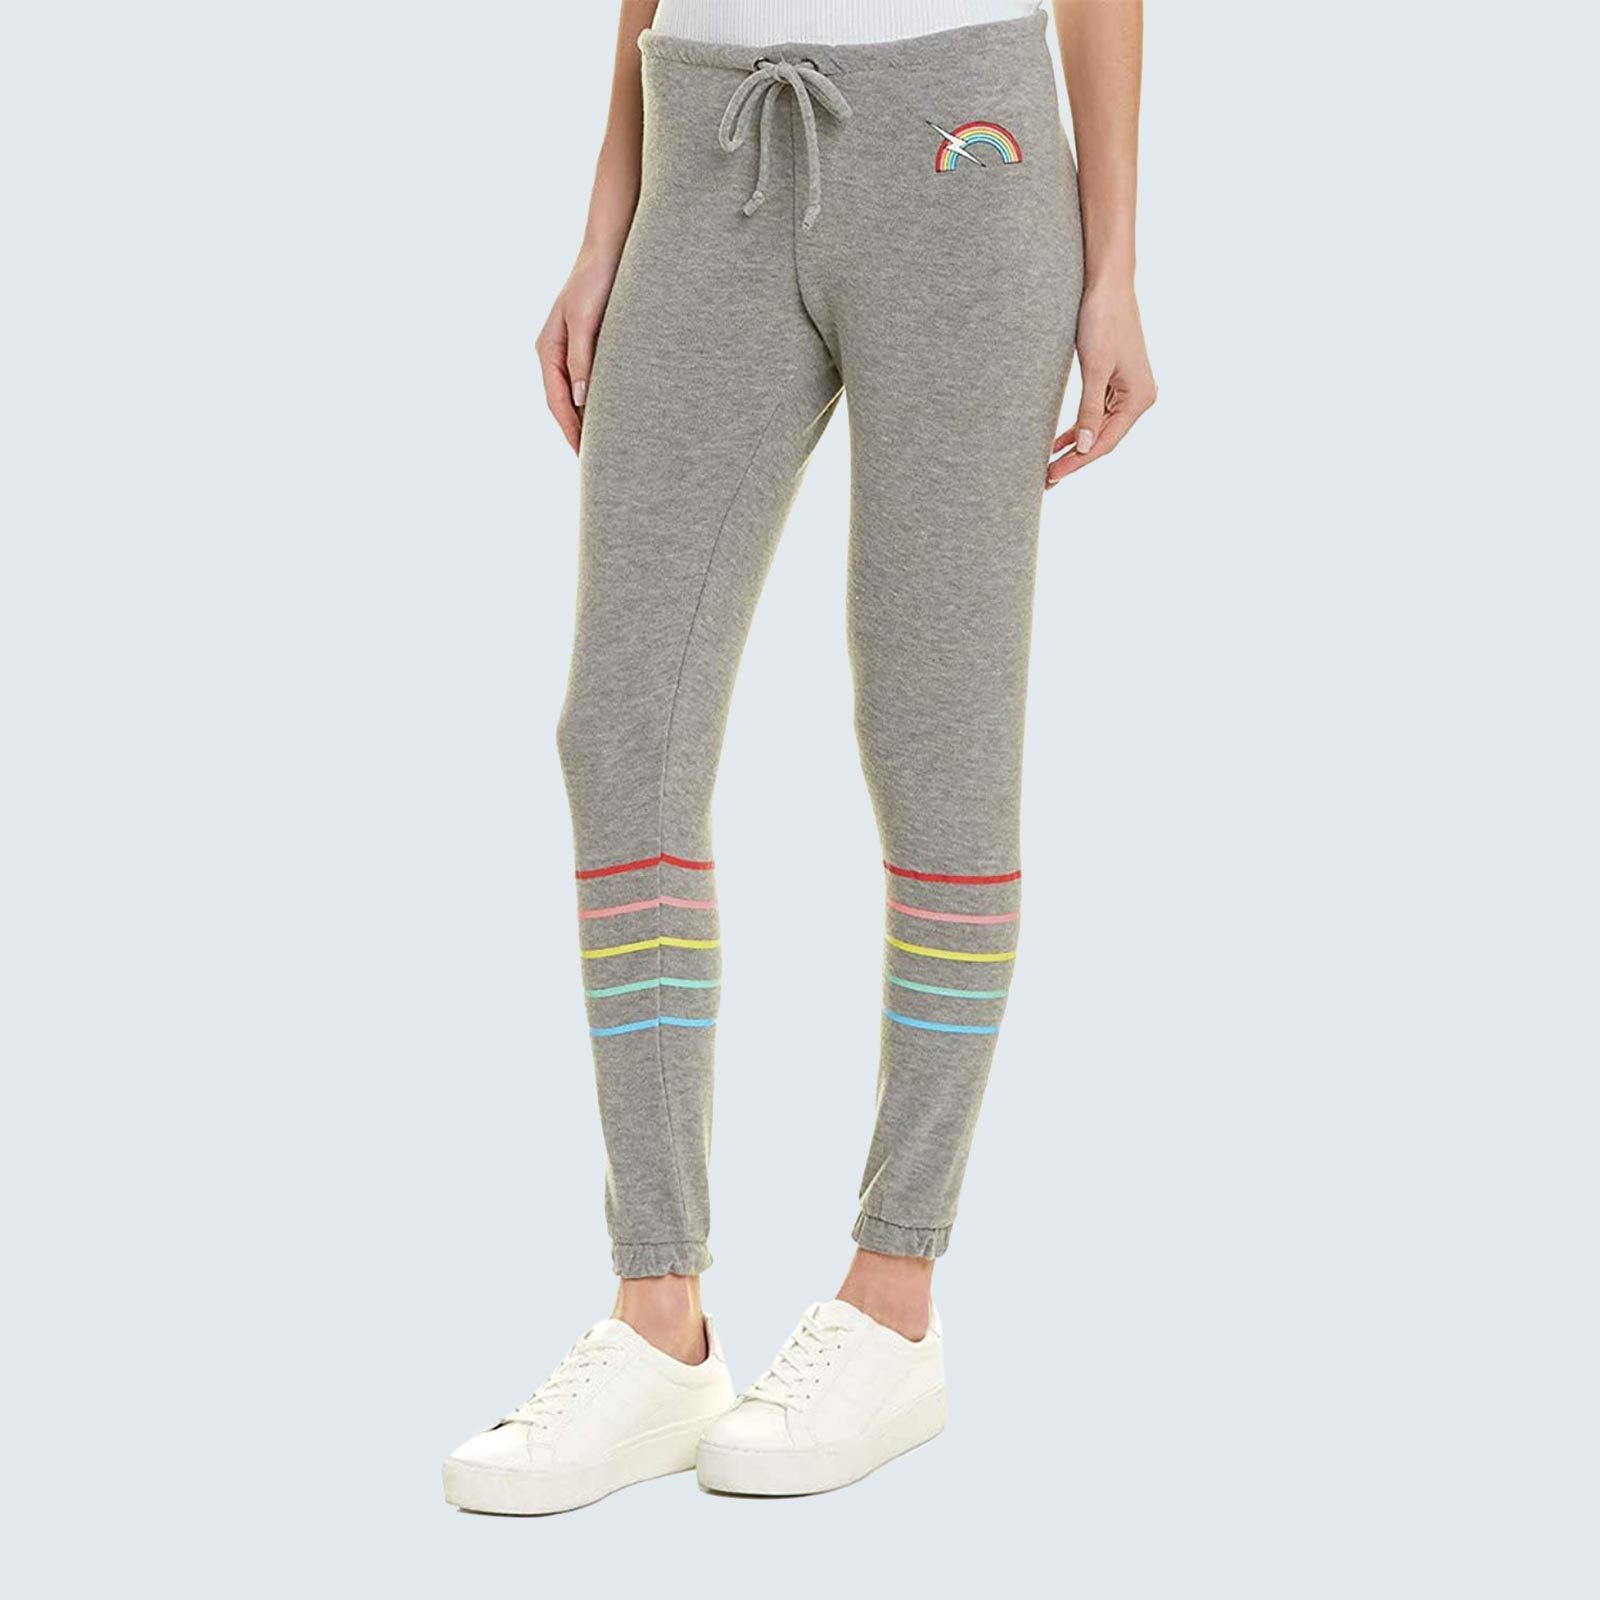 Best leggings for sleeping: Chaser Rainbow Bolt Lounge Pants